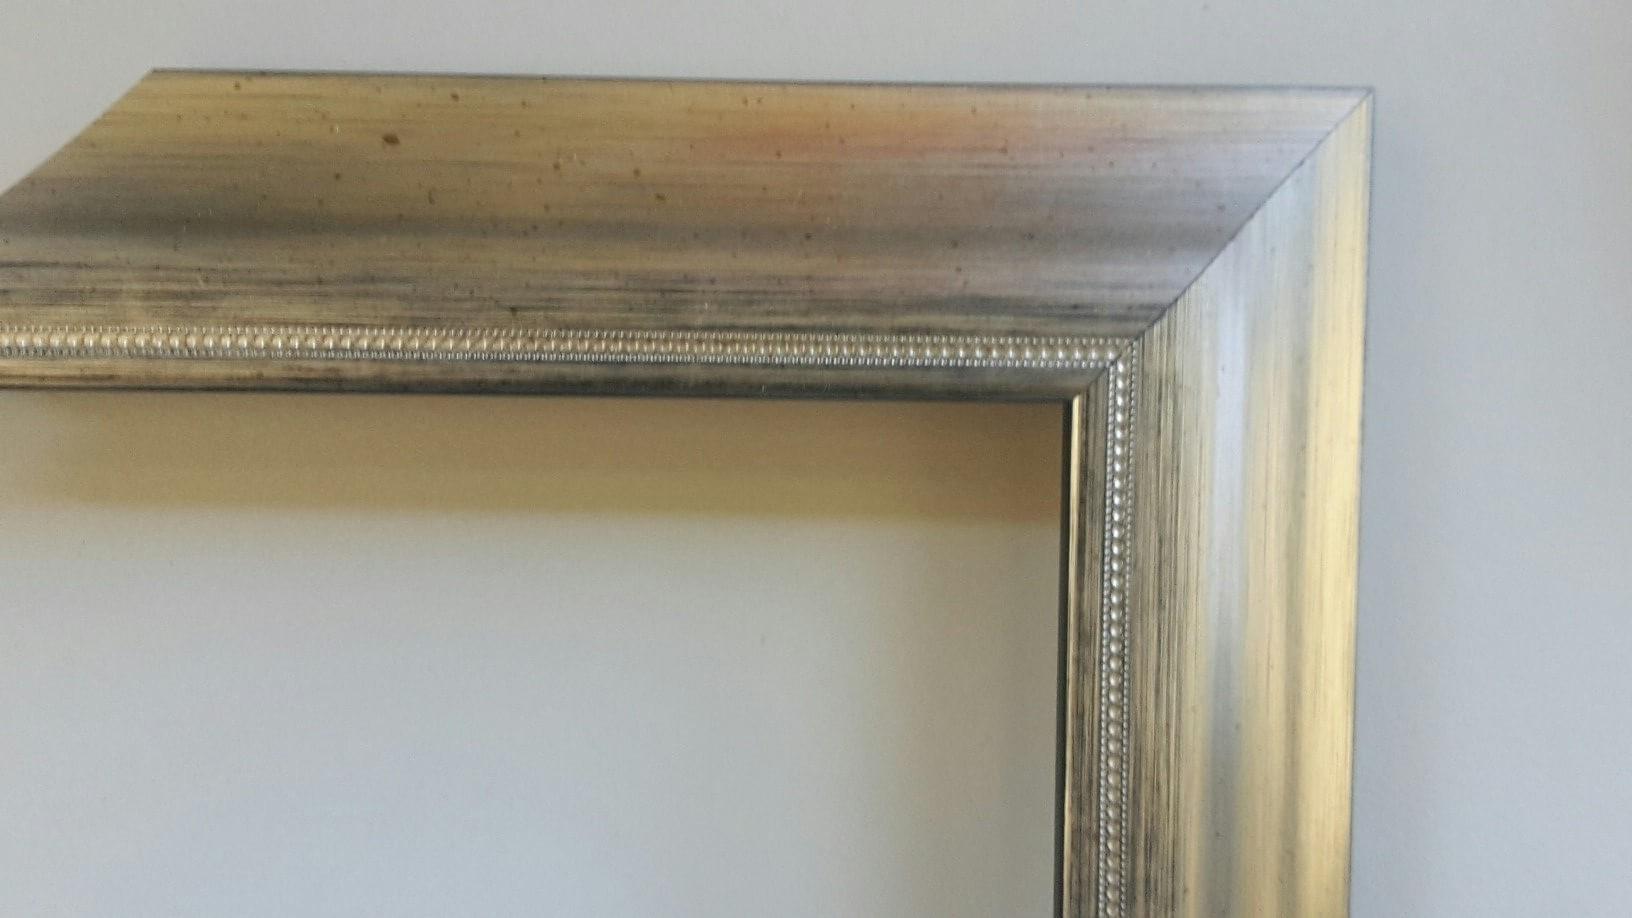 Fabira Bayonne Silber auf Schwarz, Zierkante, Rücken Schwarz ca. 40mm × 20mm